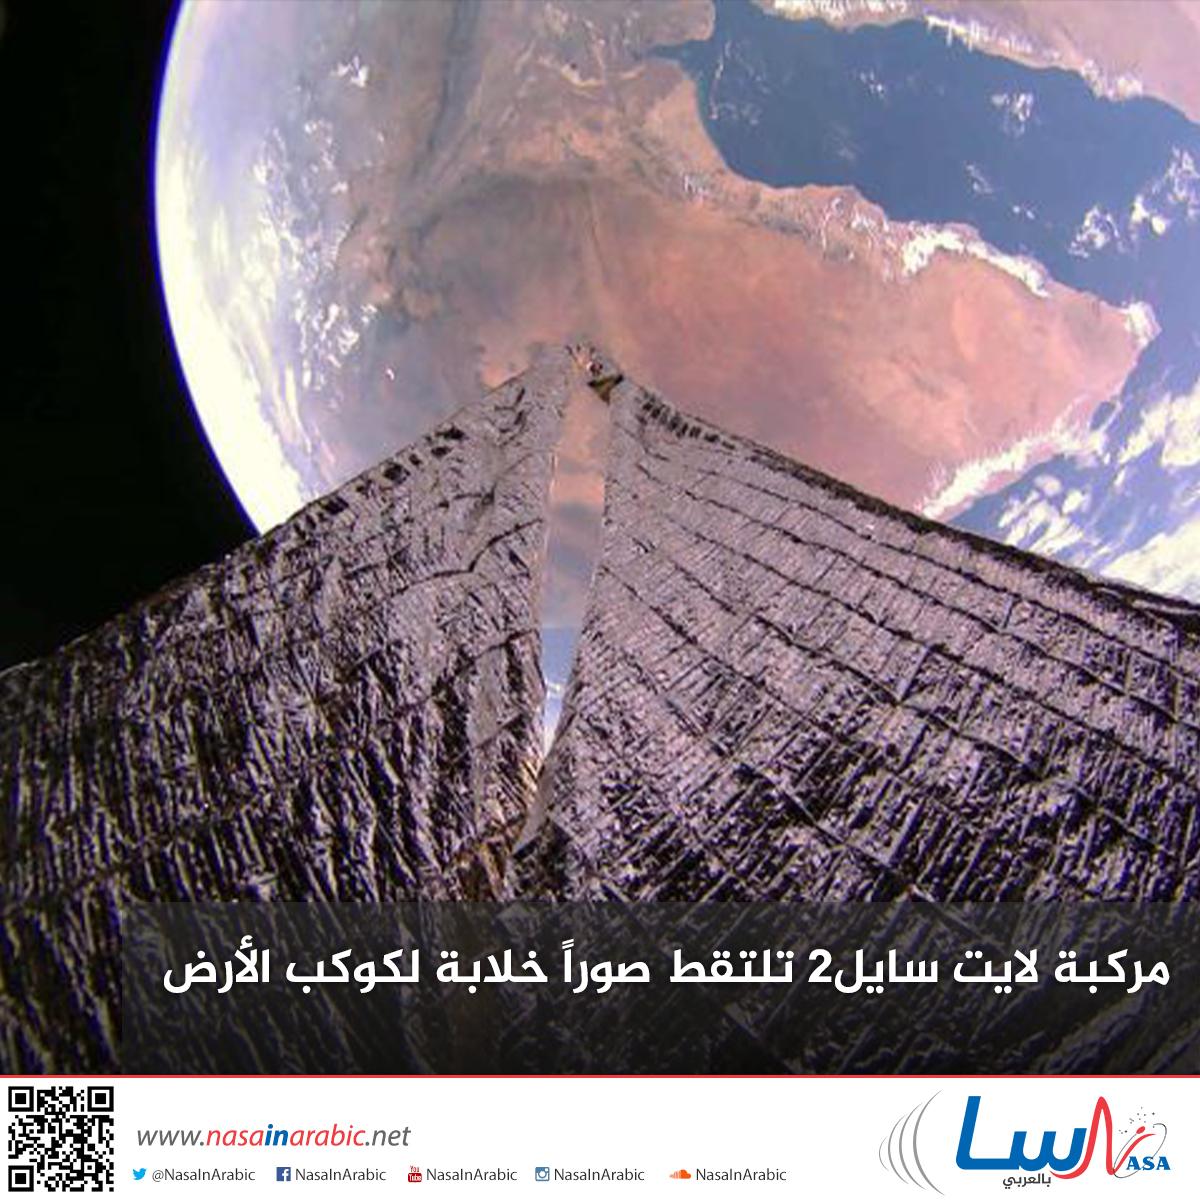 مركبة لايت سايل2 تلتقط صوراً خلابة لكوكب الأرض